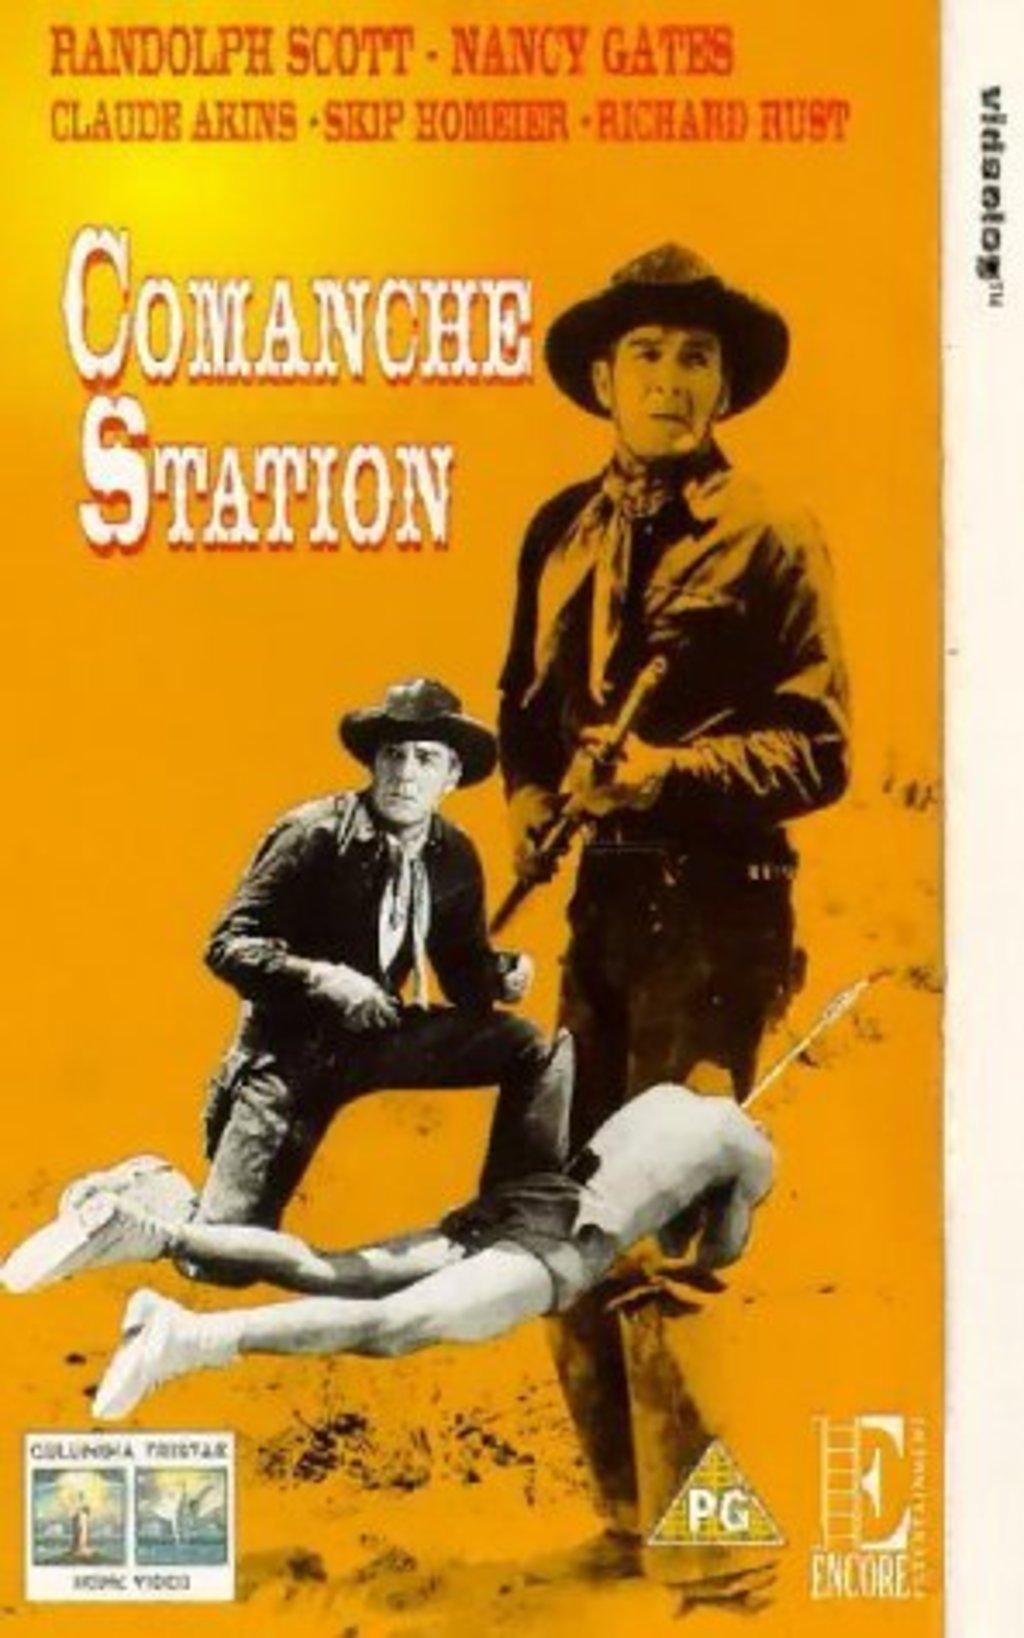 watch comanche station on netflix today netflixmoviescom